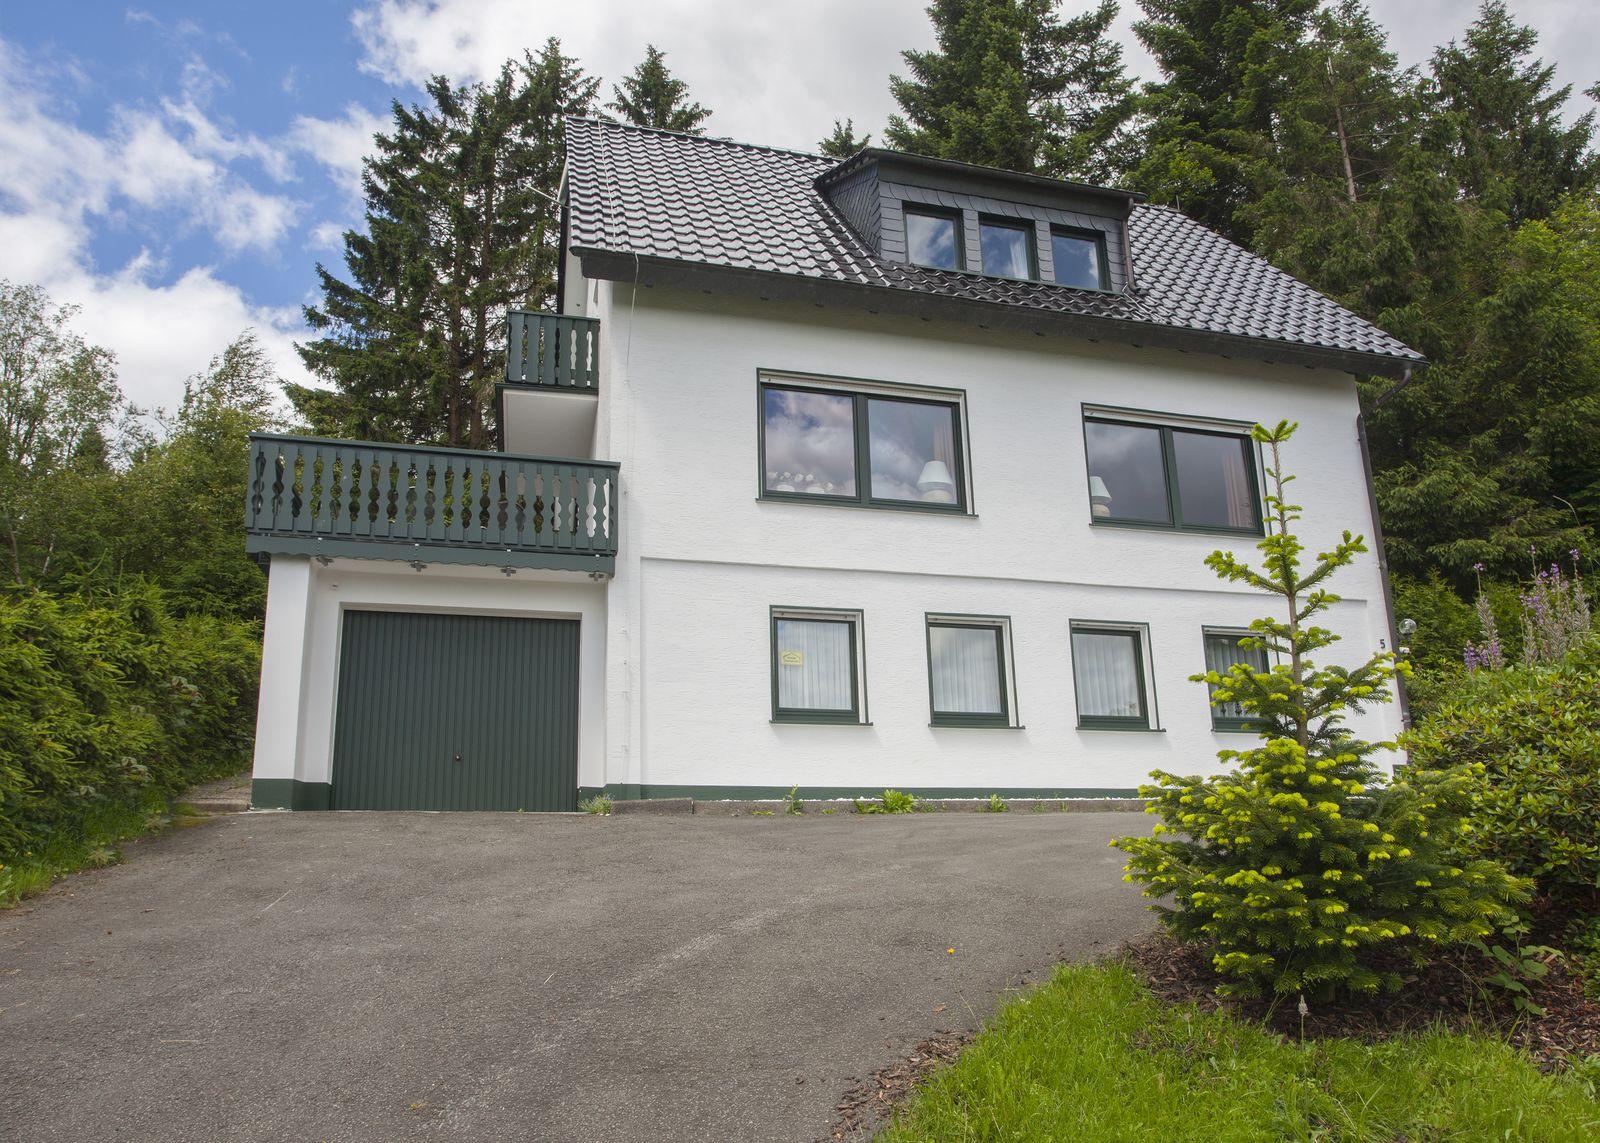 Bild von Landhaus Sonne Winterberg - Astenweg 5-S